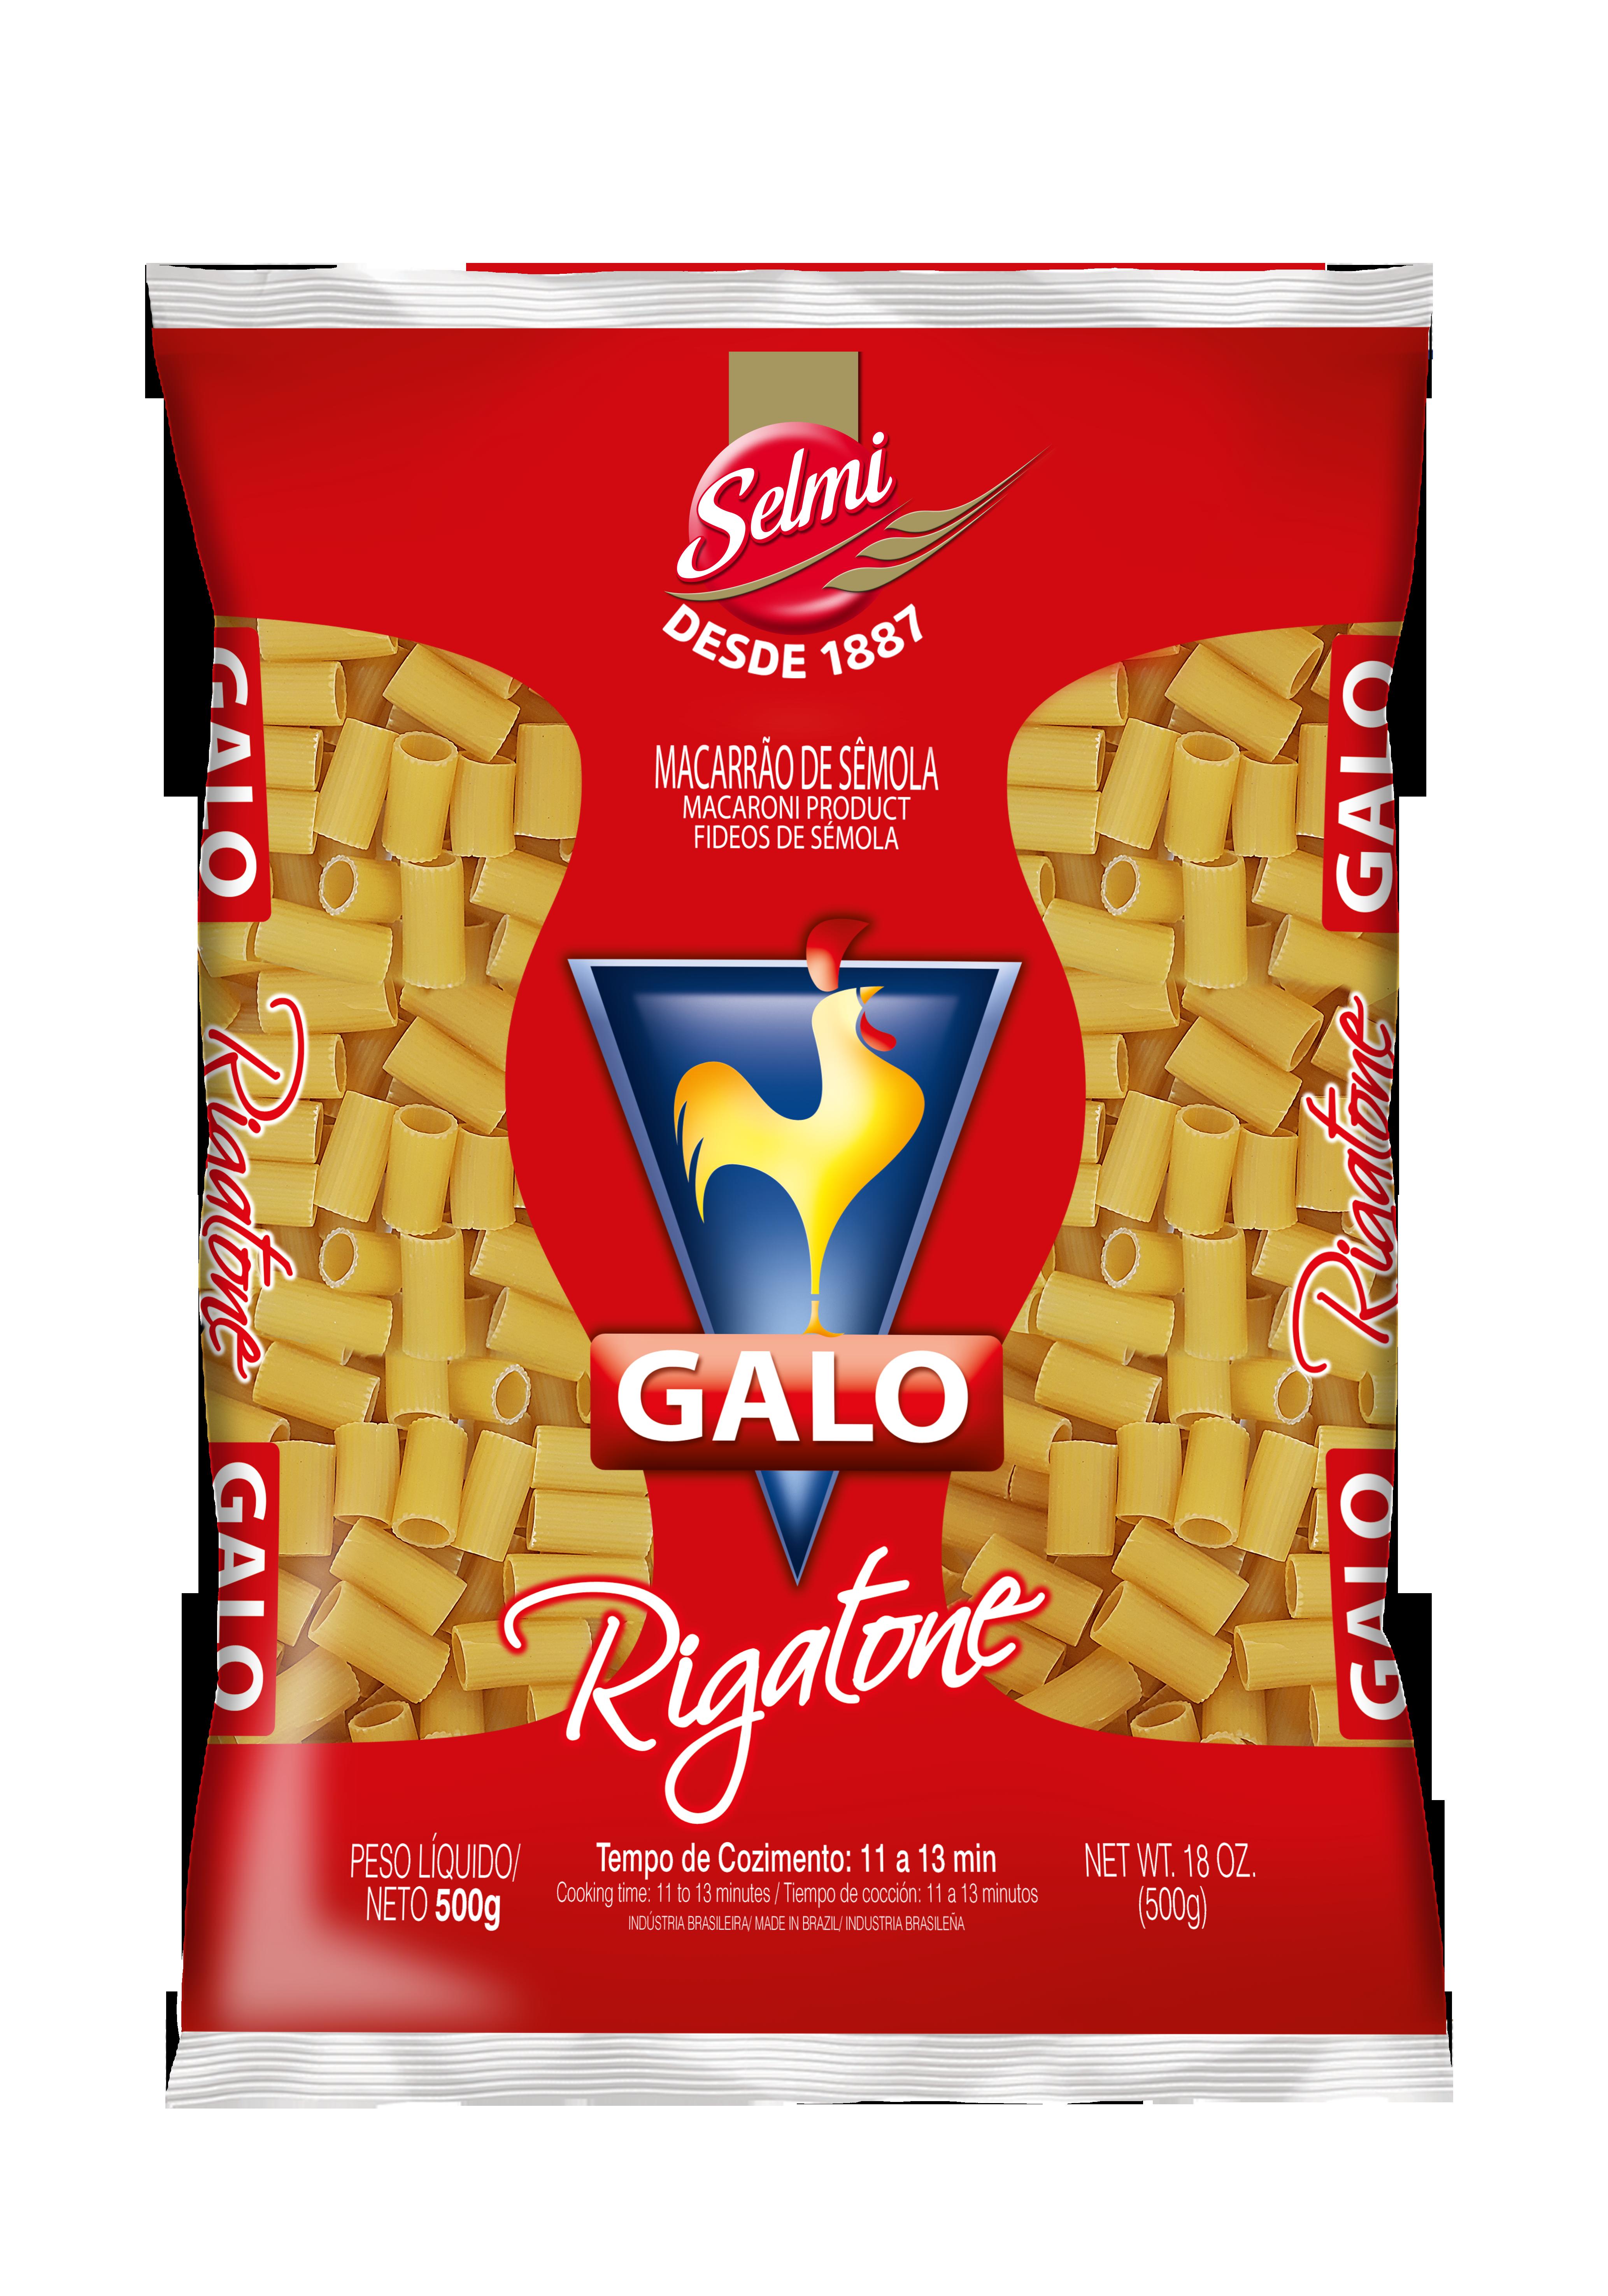 Macarrão Galo Sêmola Rigatone